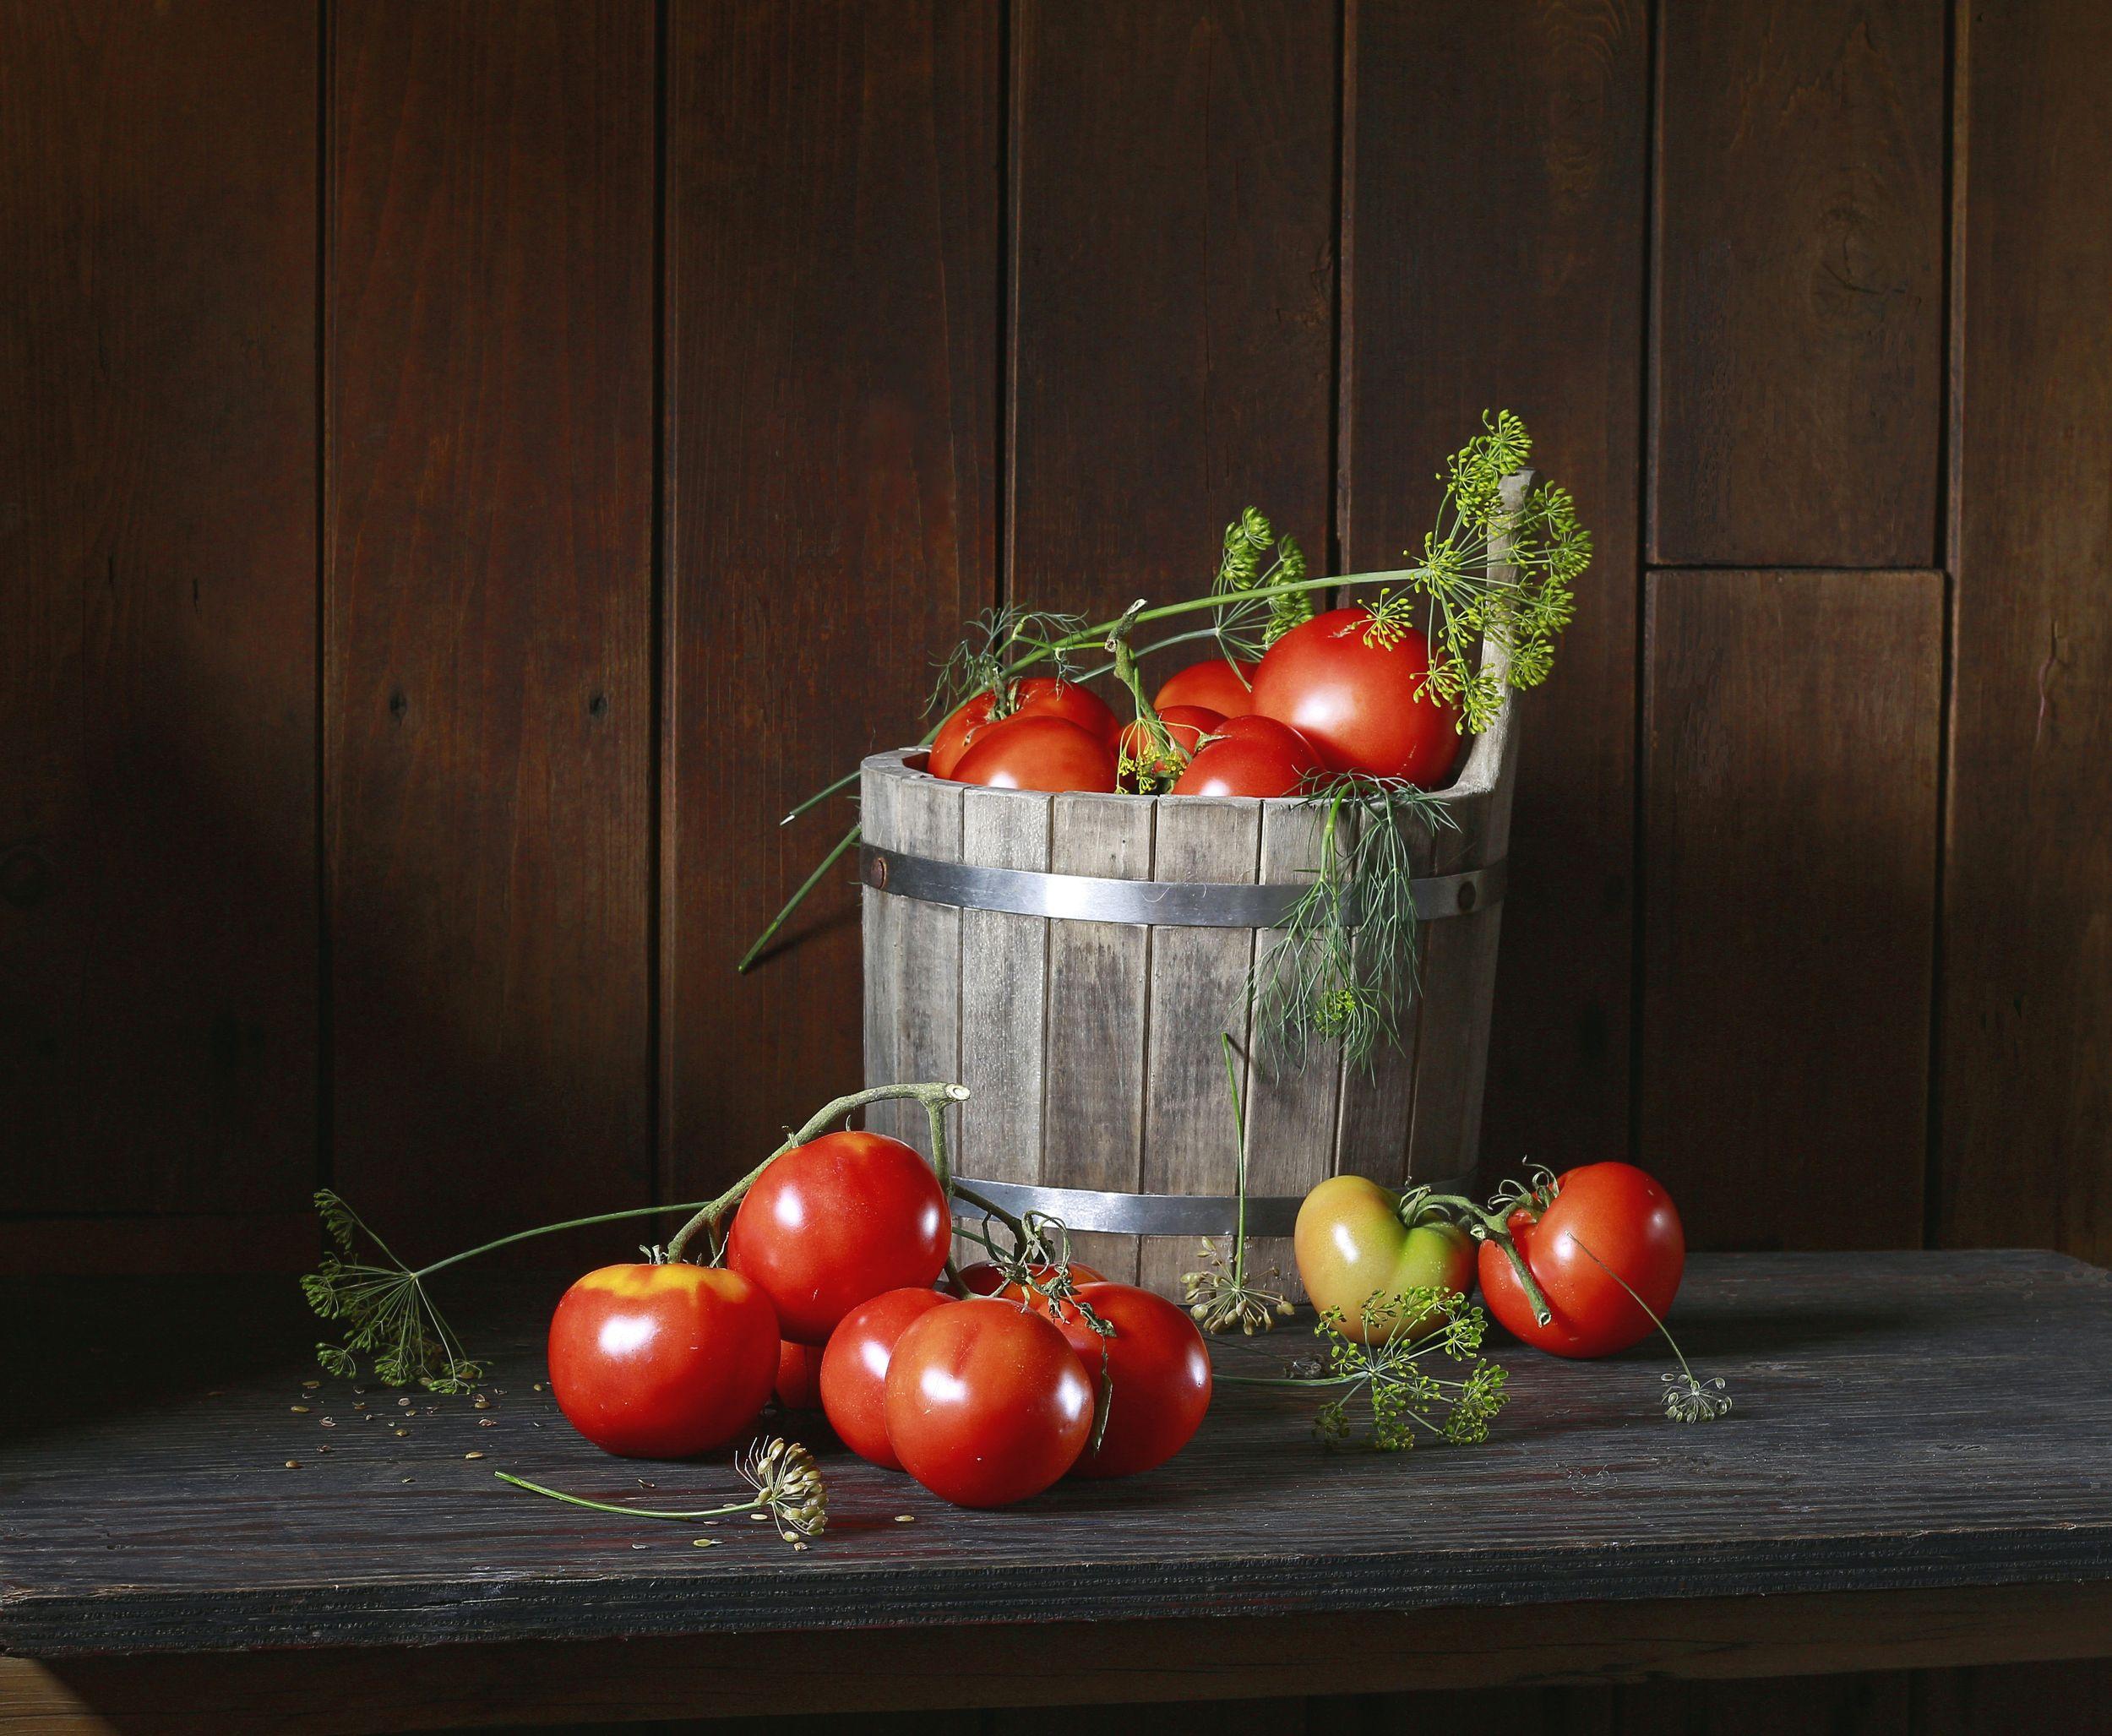 натюрморт, фотонатюрморт, лето, помидоры, овощи, август, наталья казанцева, Казанцева Наталья